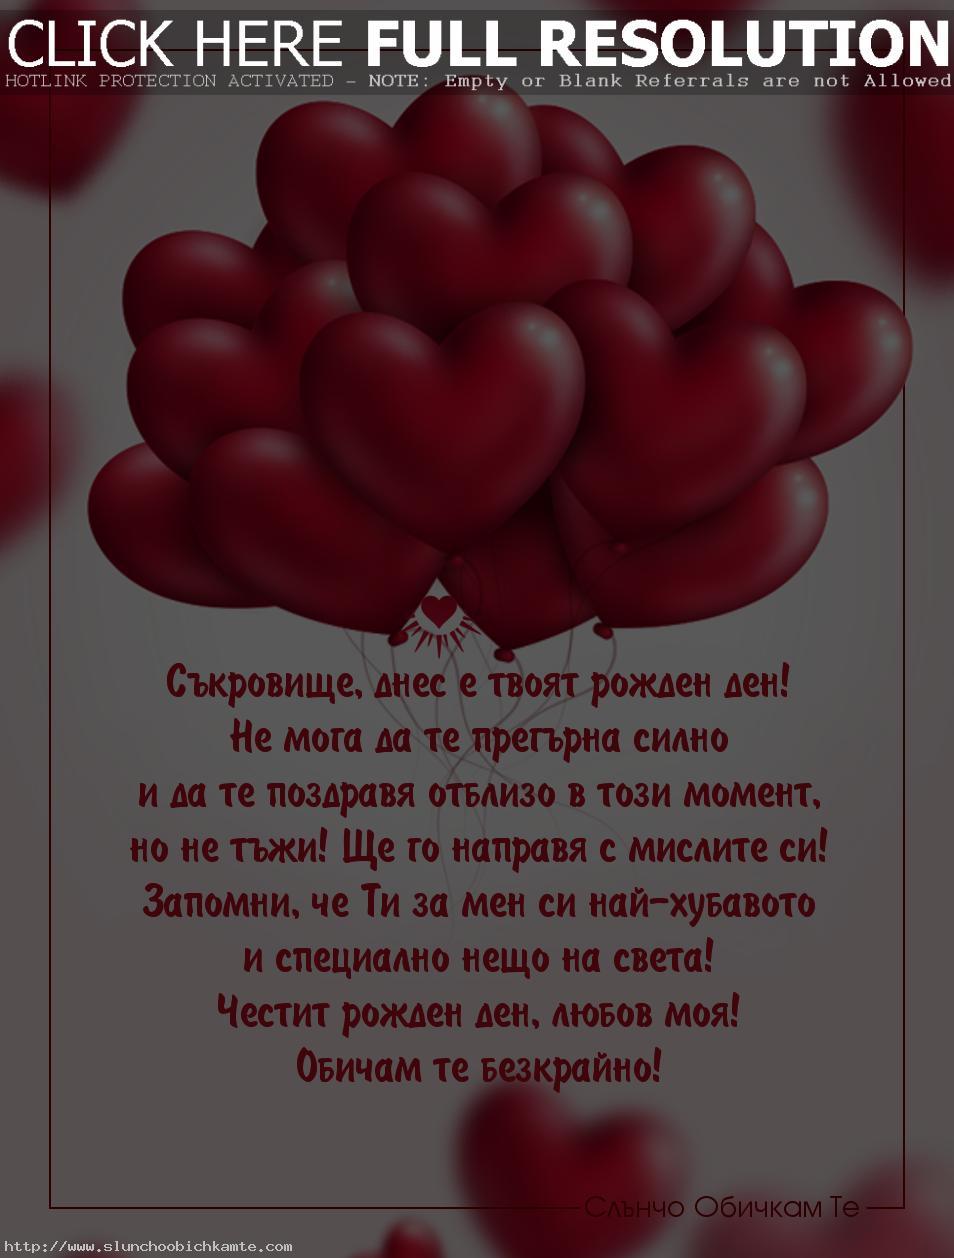 Честит рожден ден съкровище, обичам те! - Съкровище, днес е твоят рожден ден! Не мога да те прегърна силно и да те поздравя отблизо в този момент, но не тъжи! Ще го направя с мислите си. - Рожден ден, любов от разстояние, липсваш ми